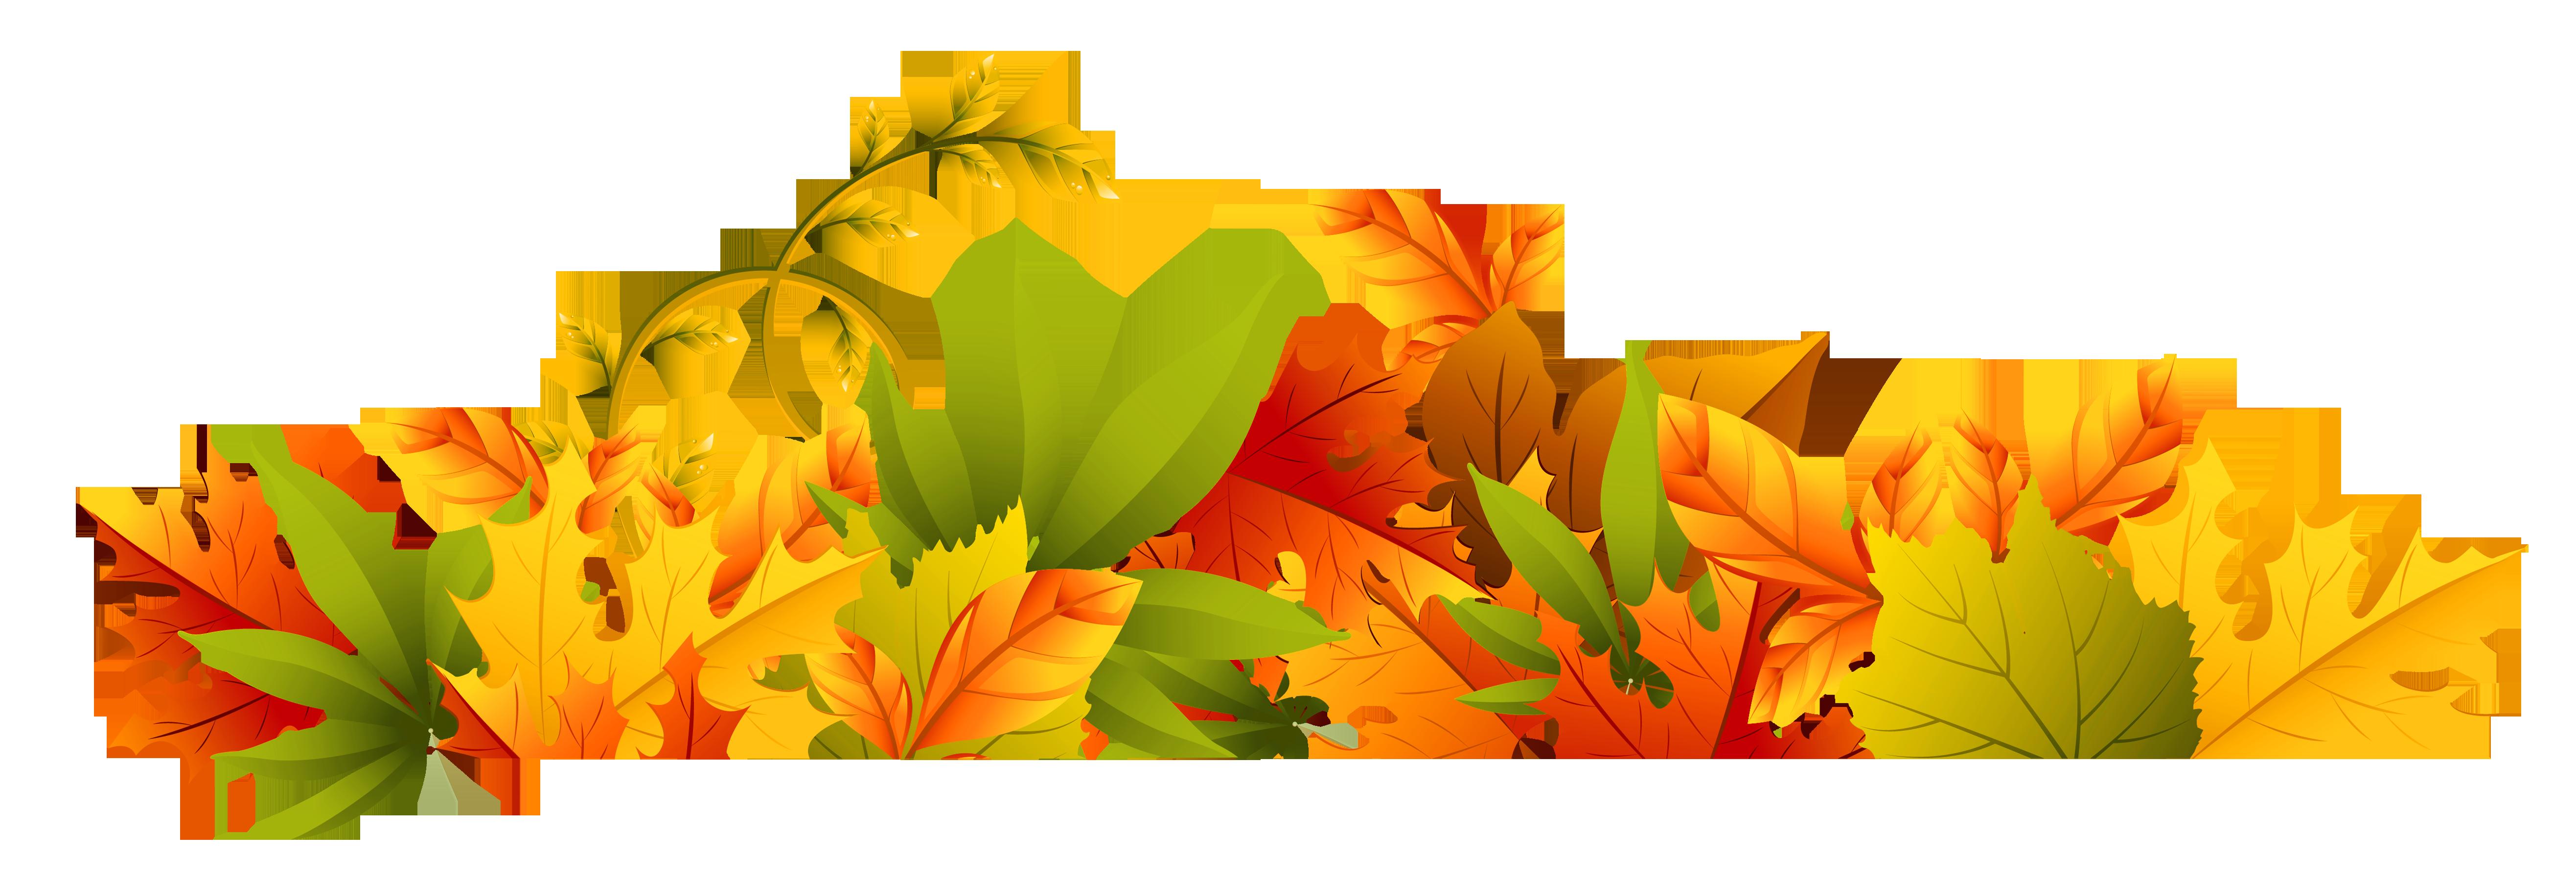 Картинки осень в пнг